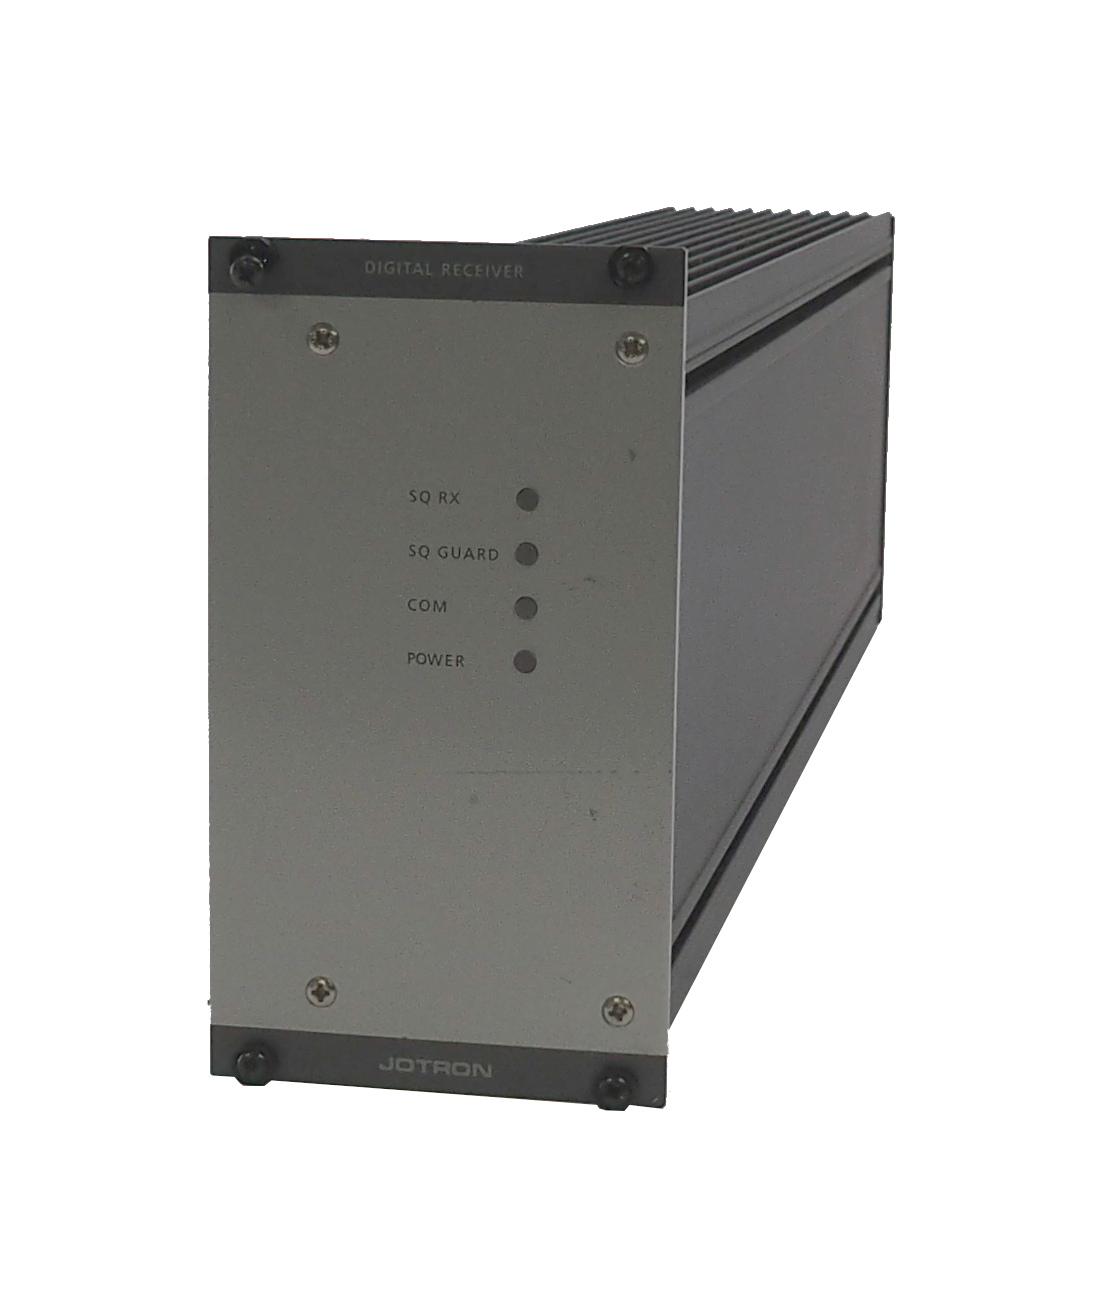 Jotron Digital Receiver Unit For RA-3202 UHF Receiver